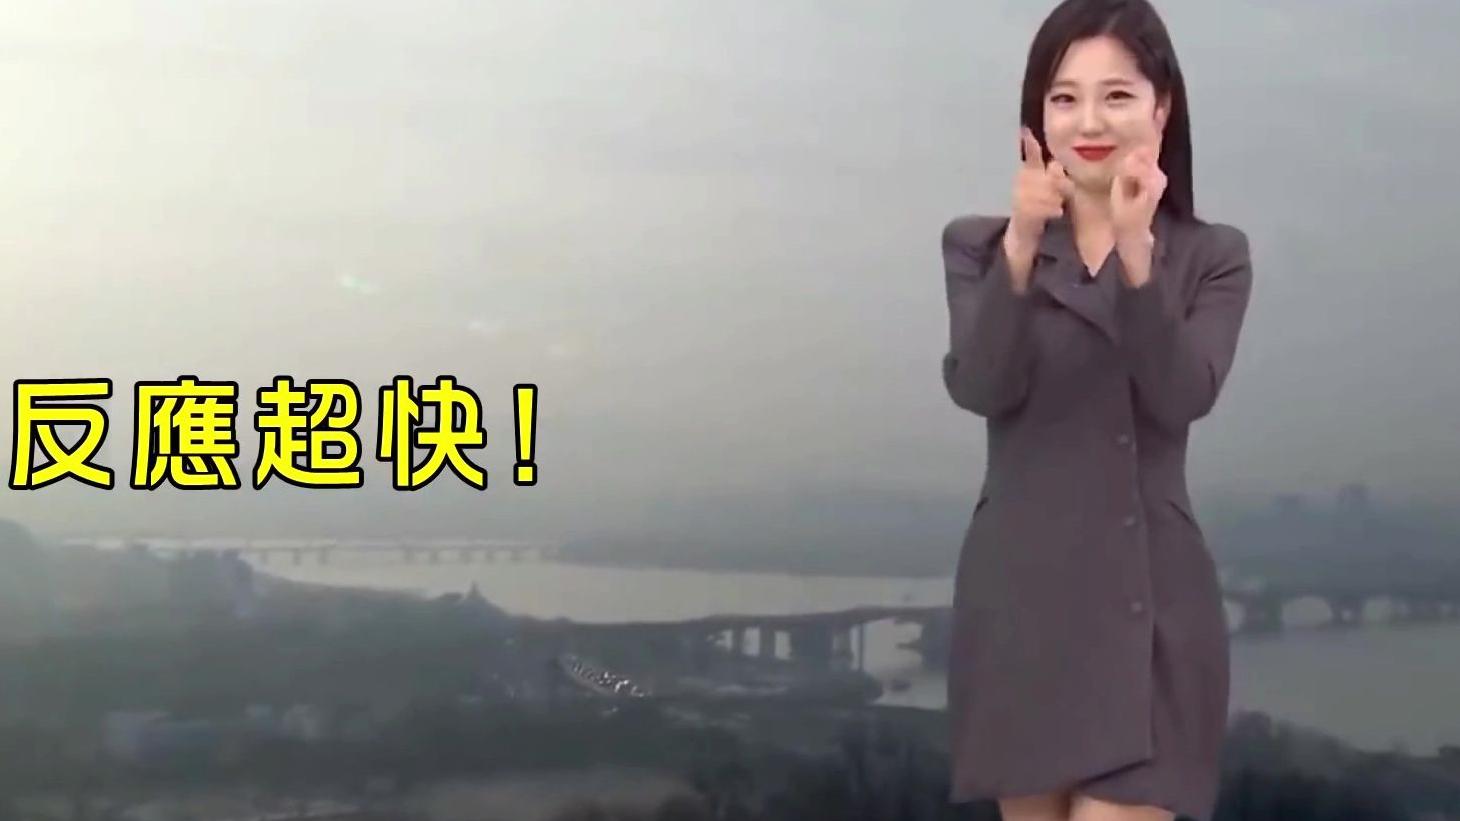 韩国节目中突现《Any Song》,主播竟跟着跳了起来!